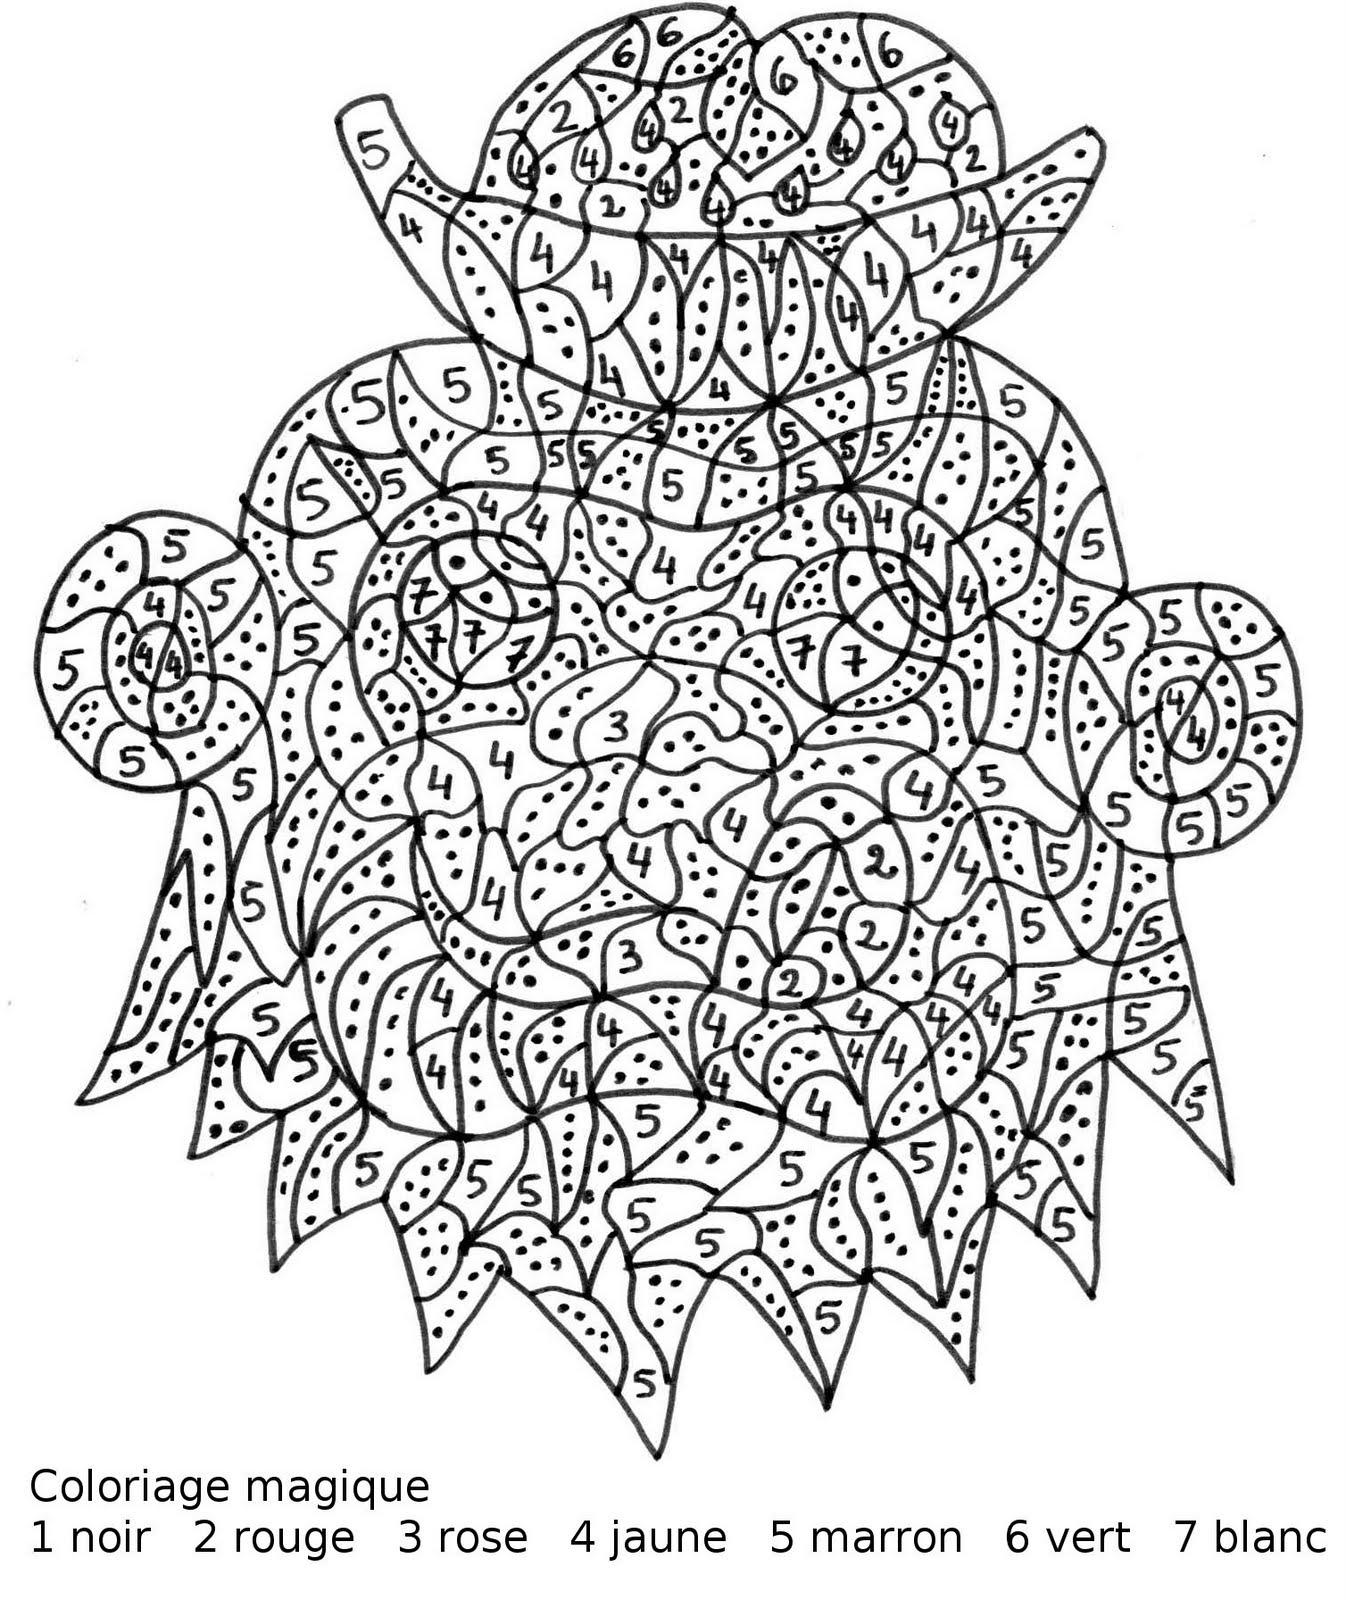 Maternelle coloriage magique maternelle un singe avec - Coloriage magique loup ...